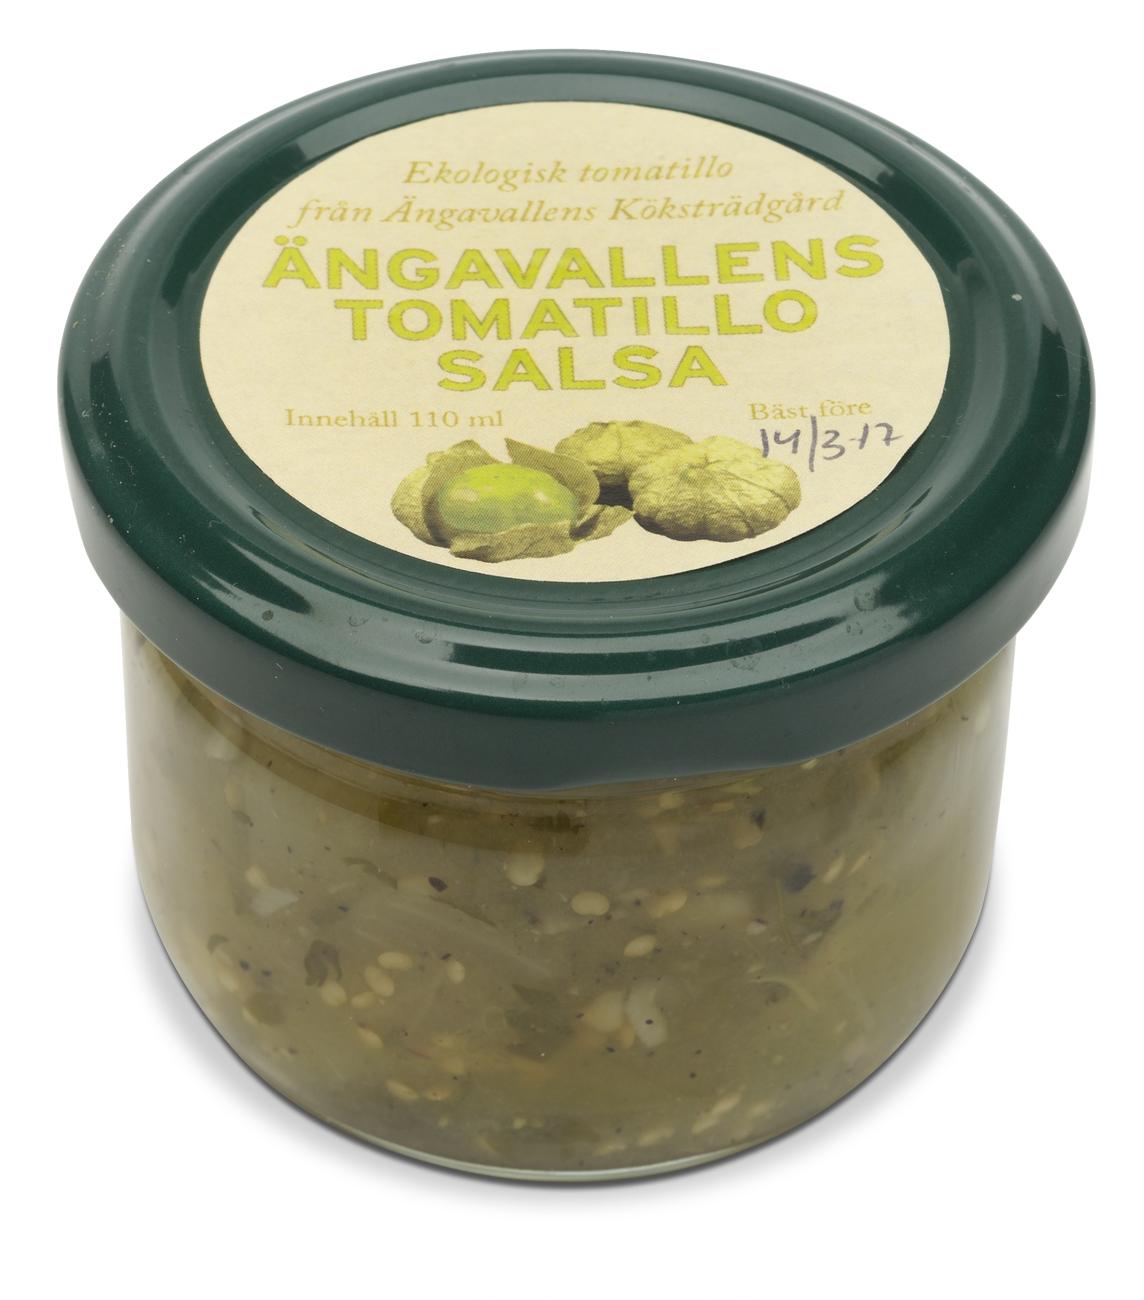 Ängavallens Tomatillo Salsa